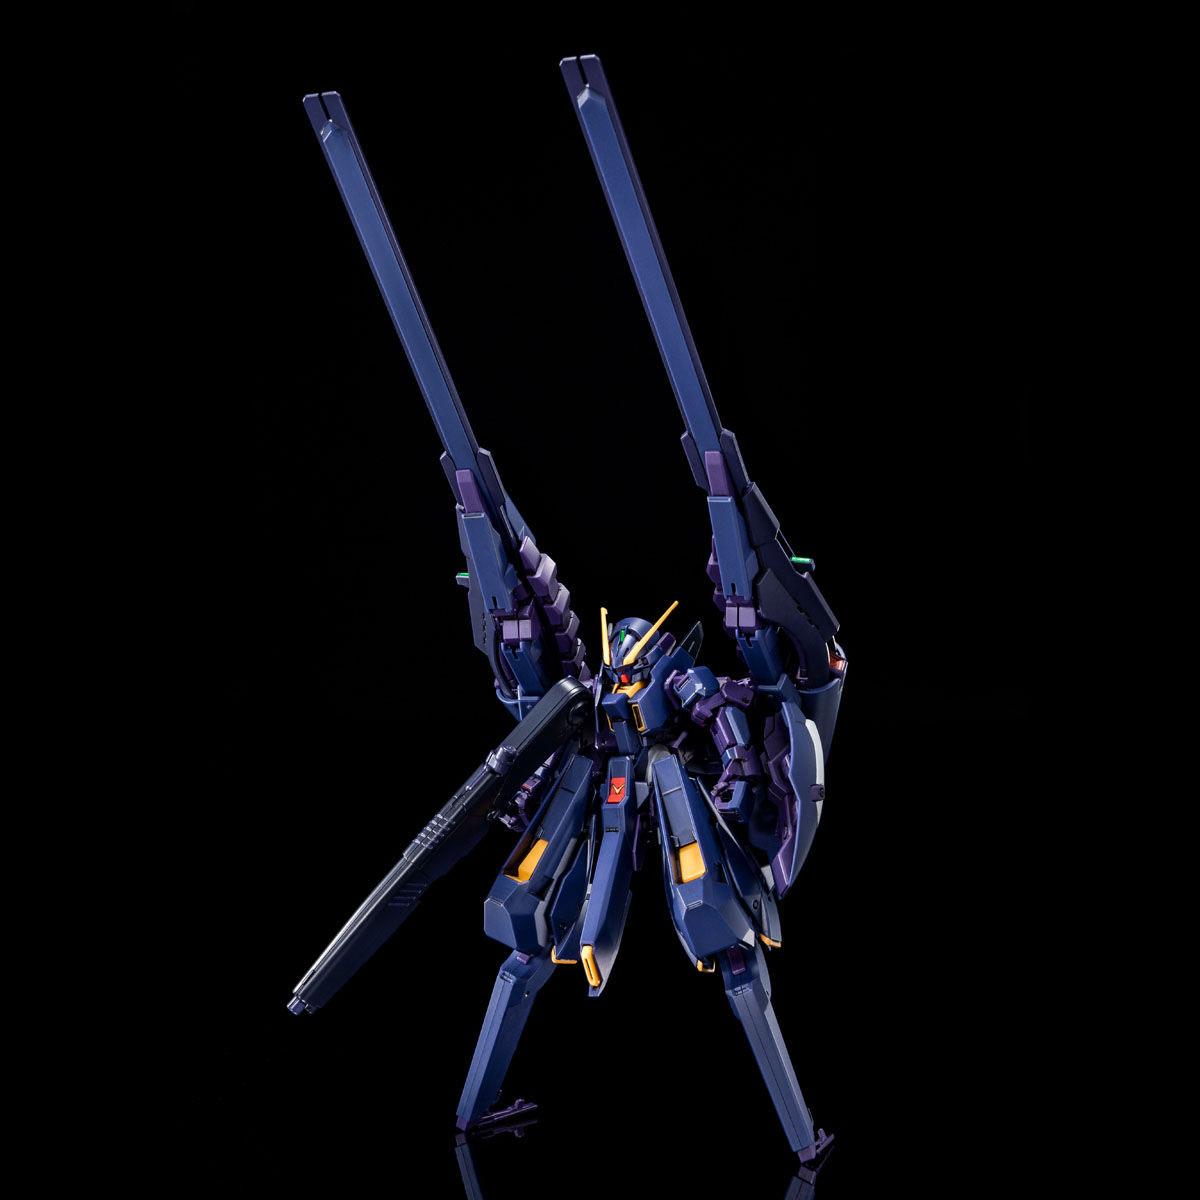 HG 1/144『ガンダムTR-6[ヘイズルII]』ADVANCE OF Ζ プラモデル-002